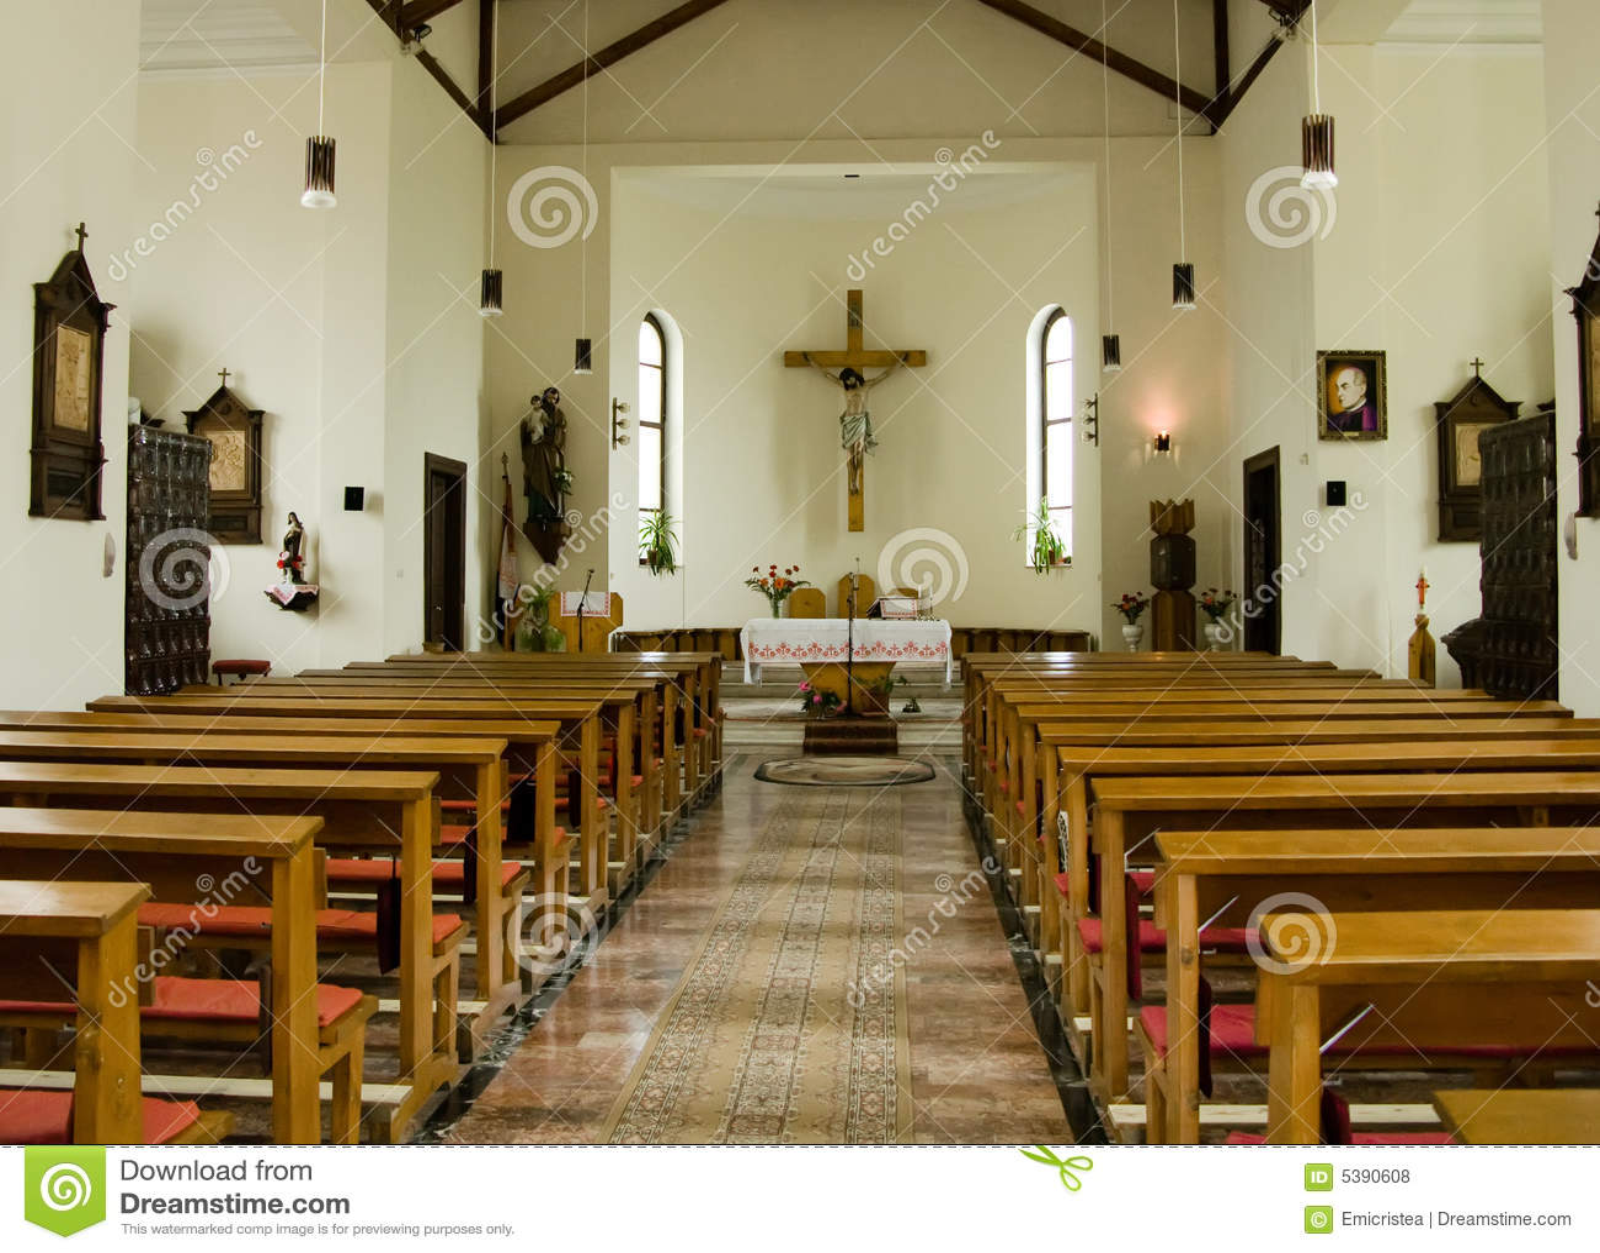 l 39 int rieur de d 39 une glise catholique photos libres de droits image 5390608. Black Bedroom Furniture Sets. Home Design Ideas